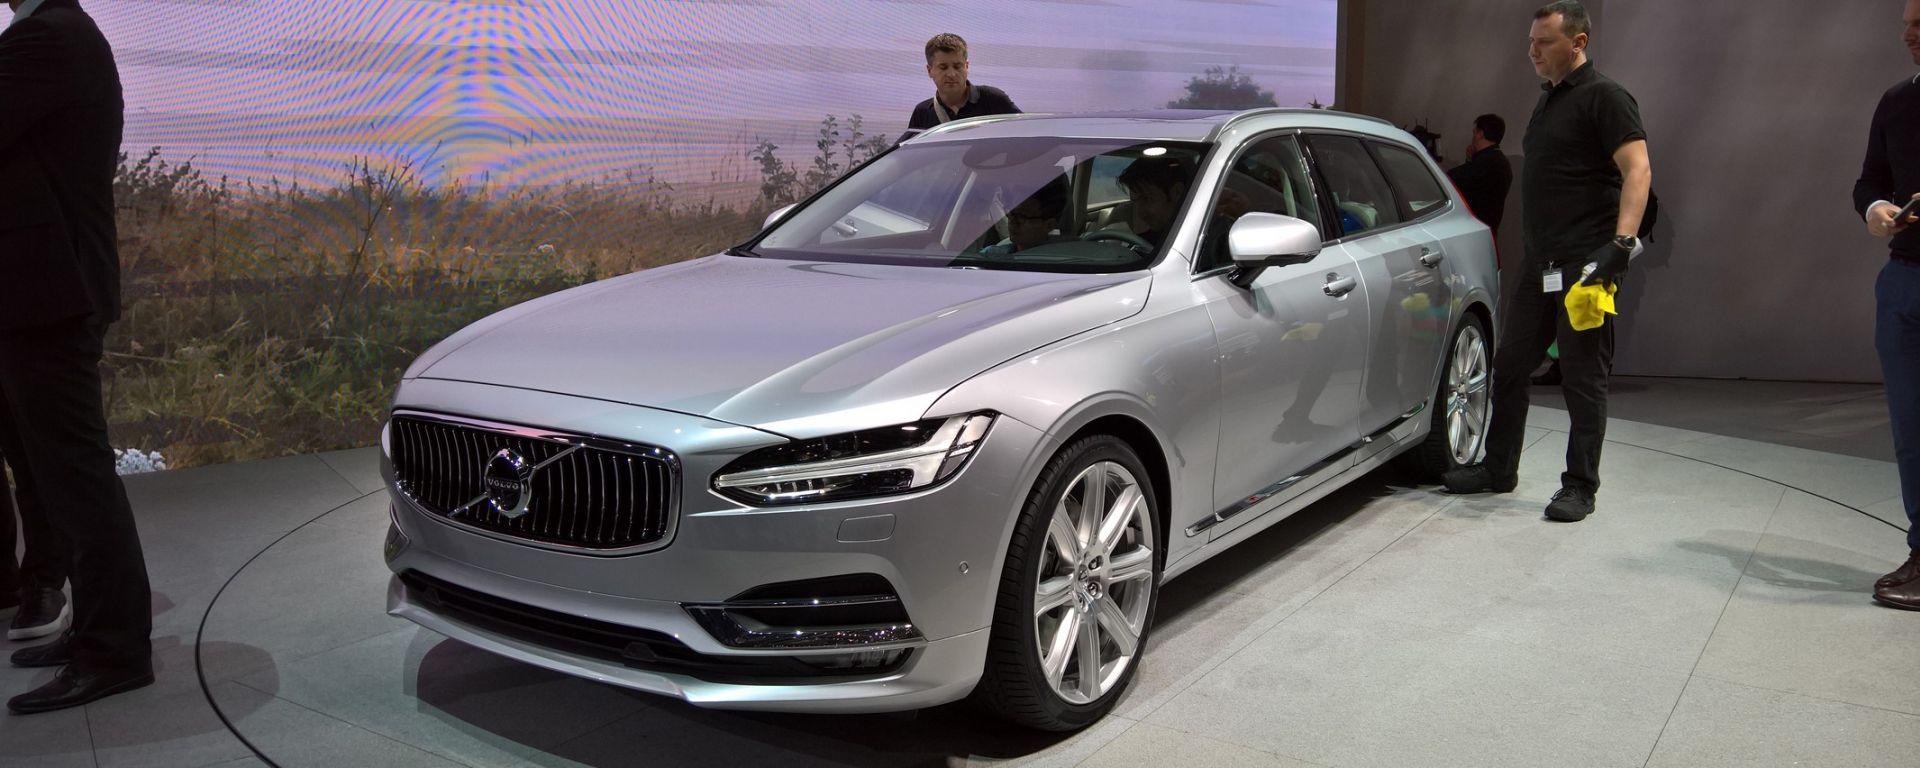 Ginevra 2016 - Notizie dalle Case: Volvo